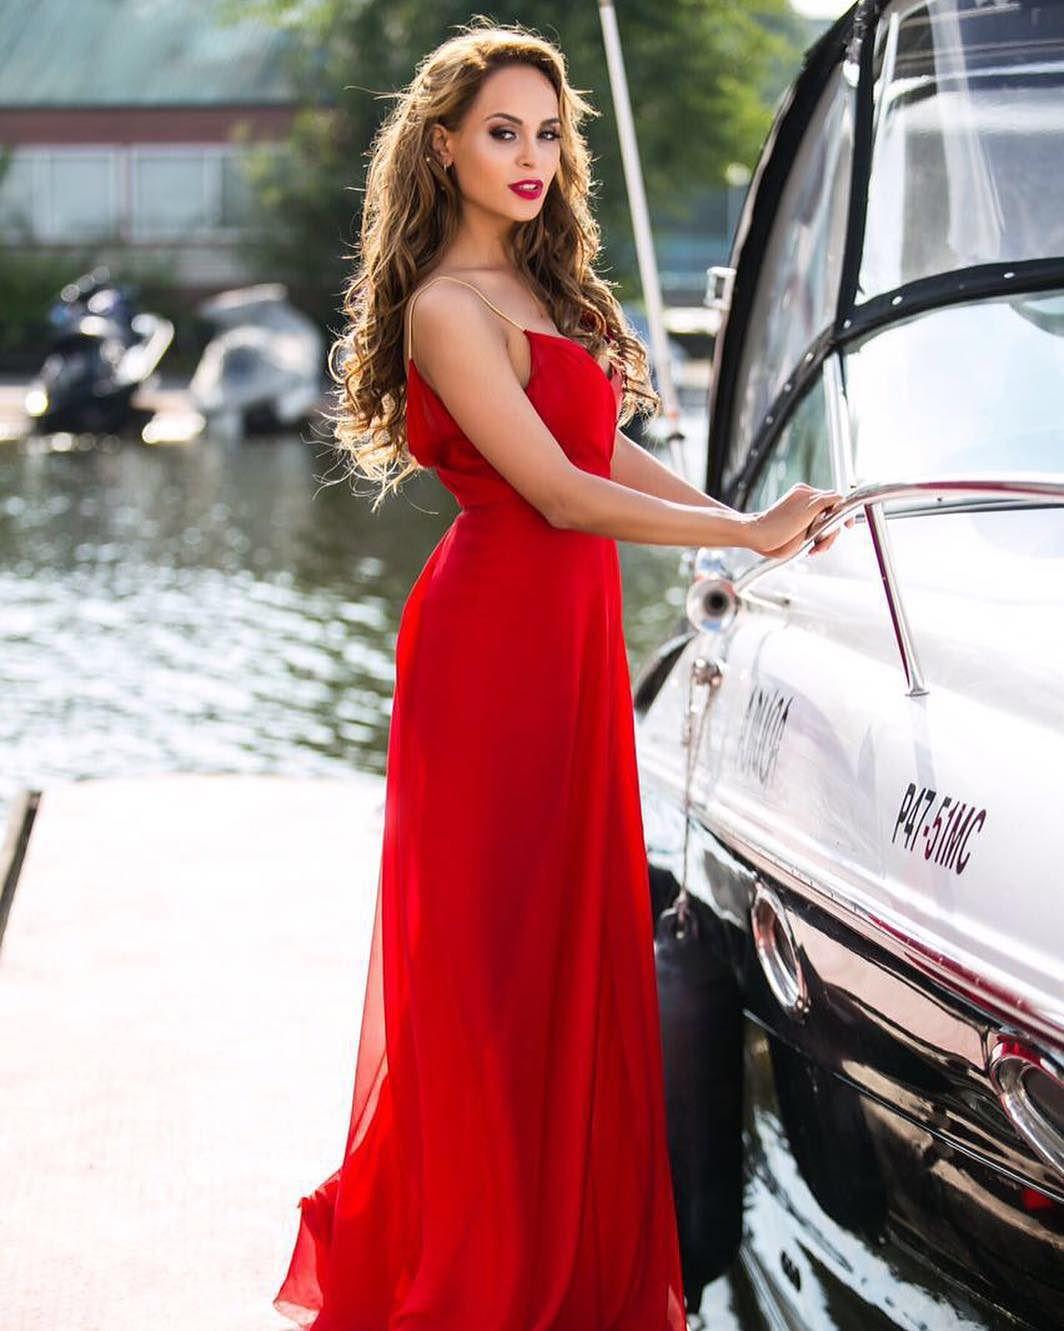 Анна Калашникова Фото - модель, певица, жена Прохора Шаляпина / Страница - 1